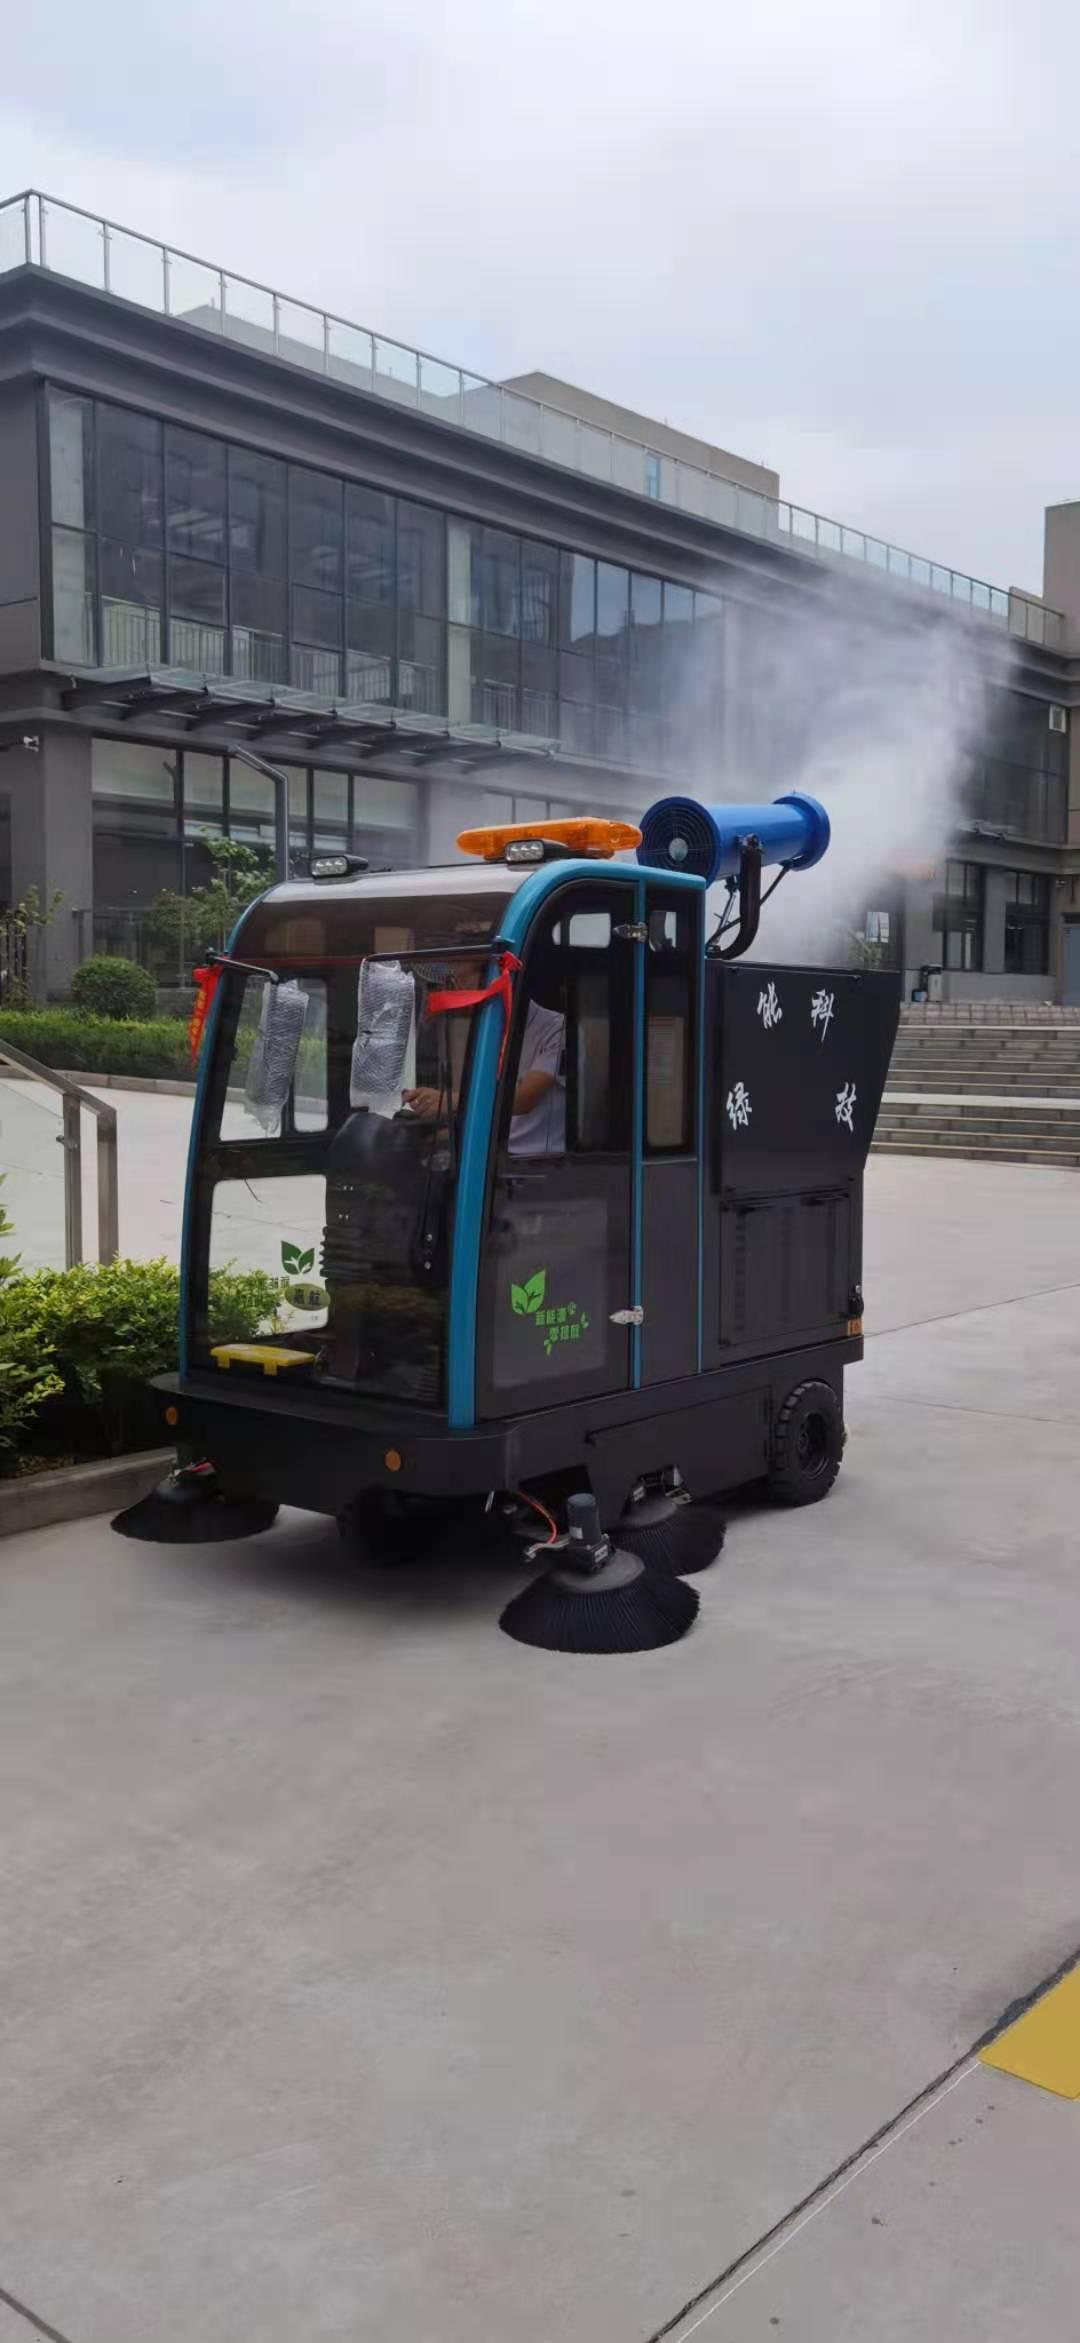 厂园区使用雾炮、高压冲洗、扫地、吸尘、洒水五合一扫地车